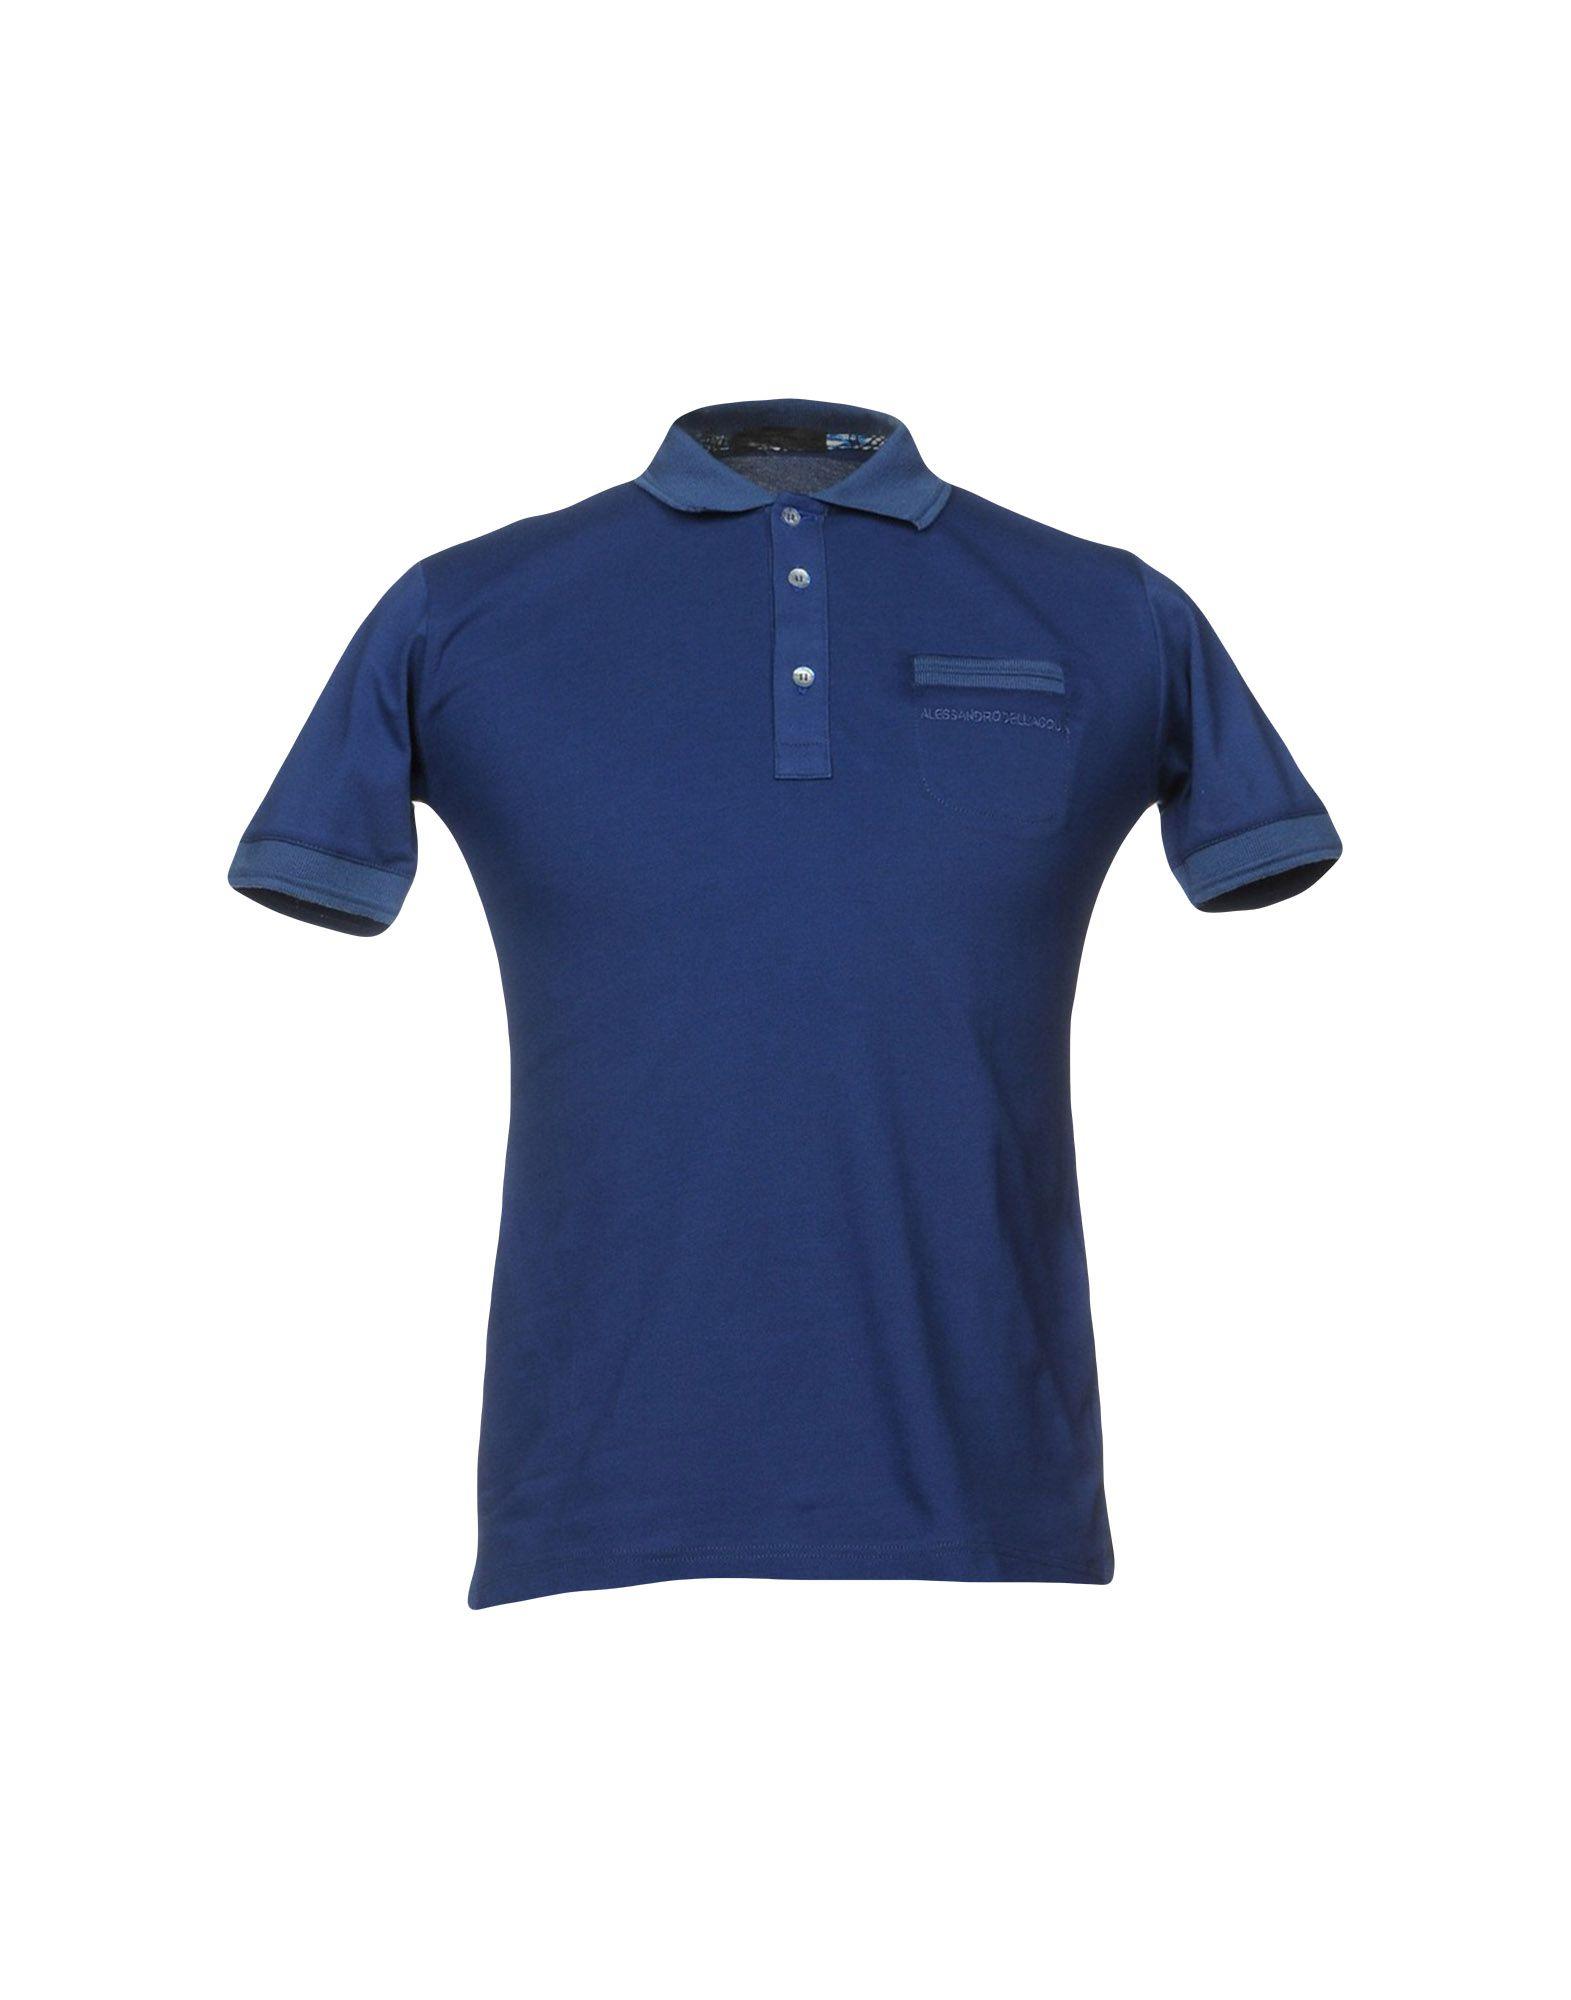 《セール開催中》ALESSANDRO DELL'ACQUA メンズ ポロシャツ ブルー S コットン 100%